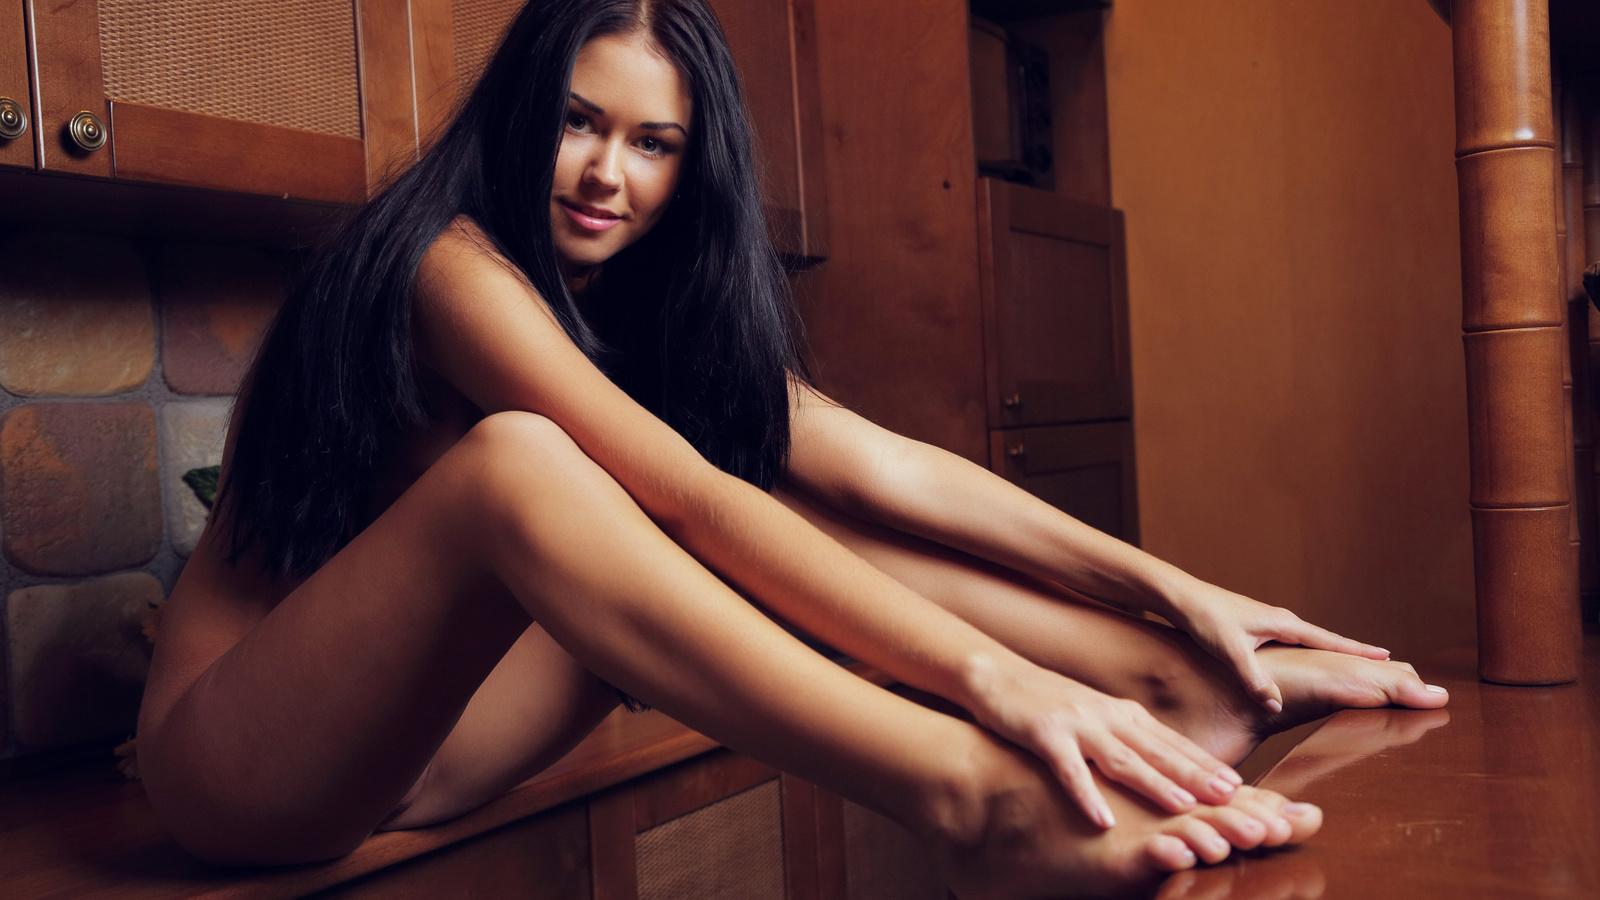 Фото ножки голых девушек 20 фотография